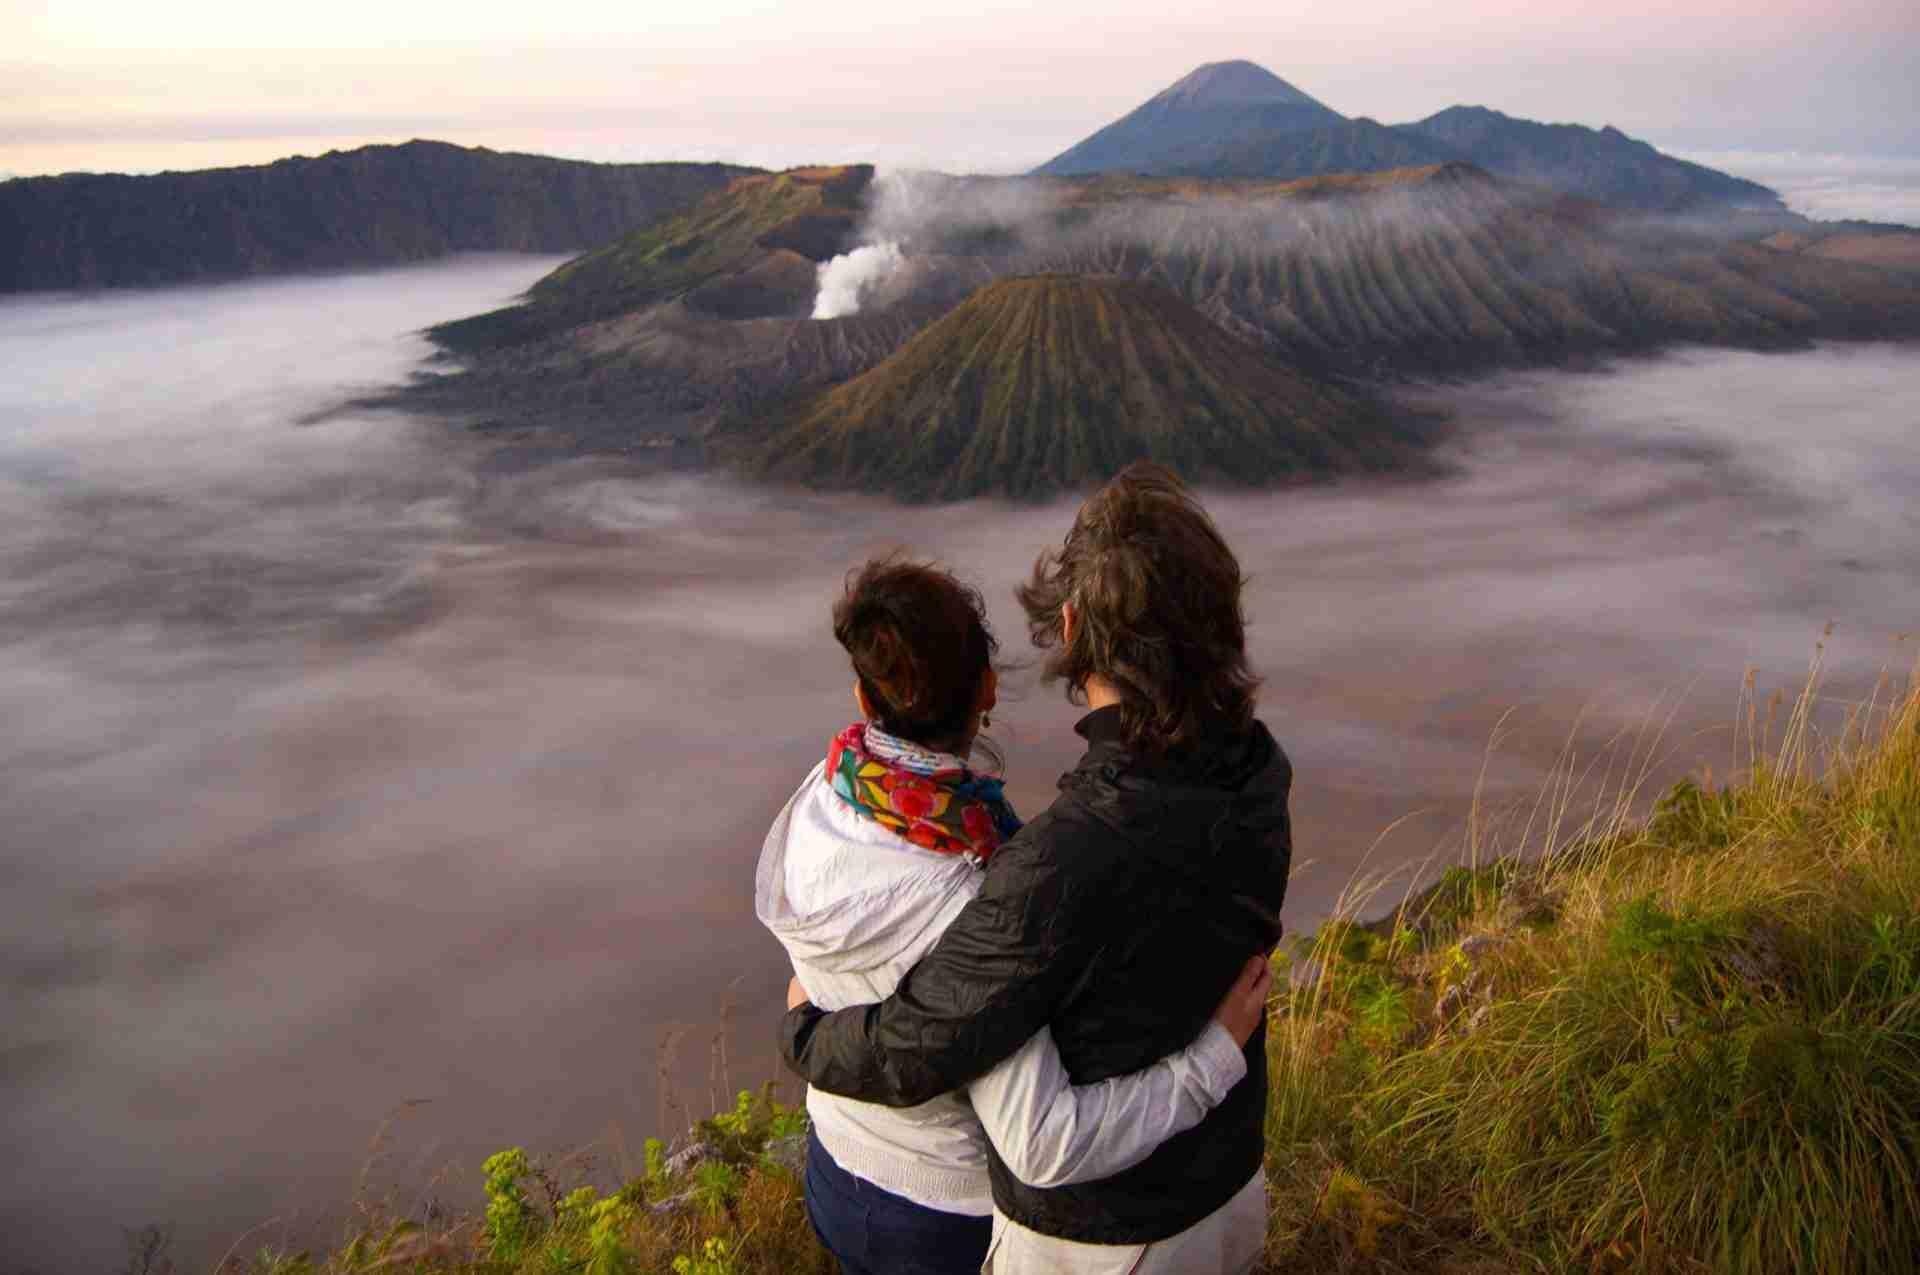 vista al amanecer del Bromo, Java, Indonesia